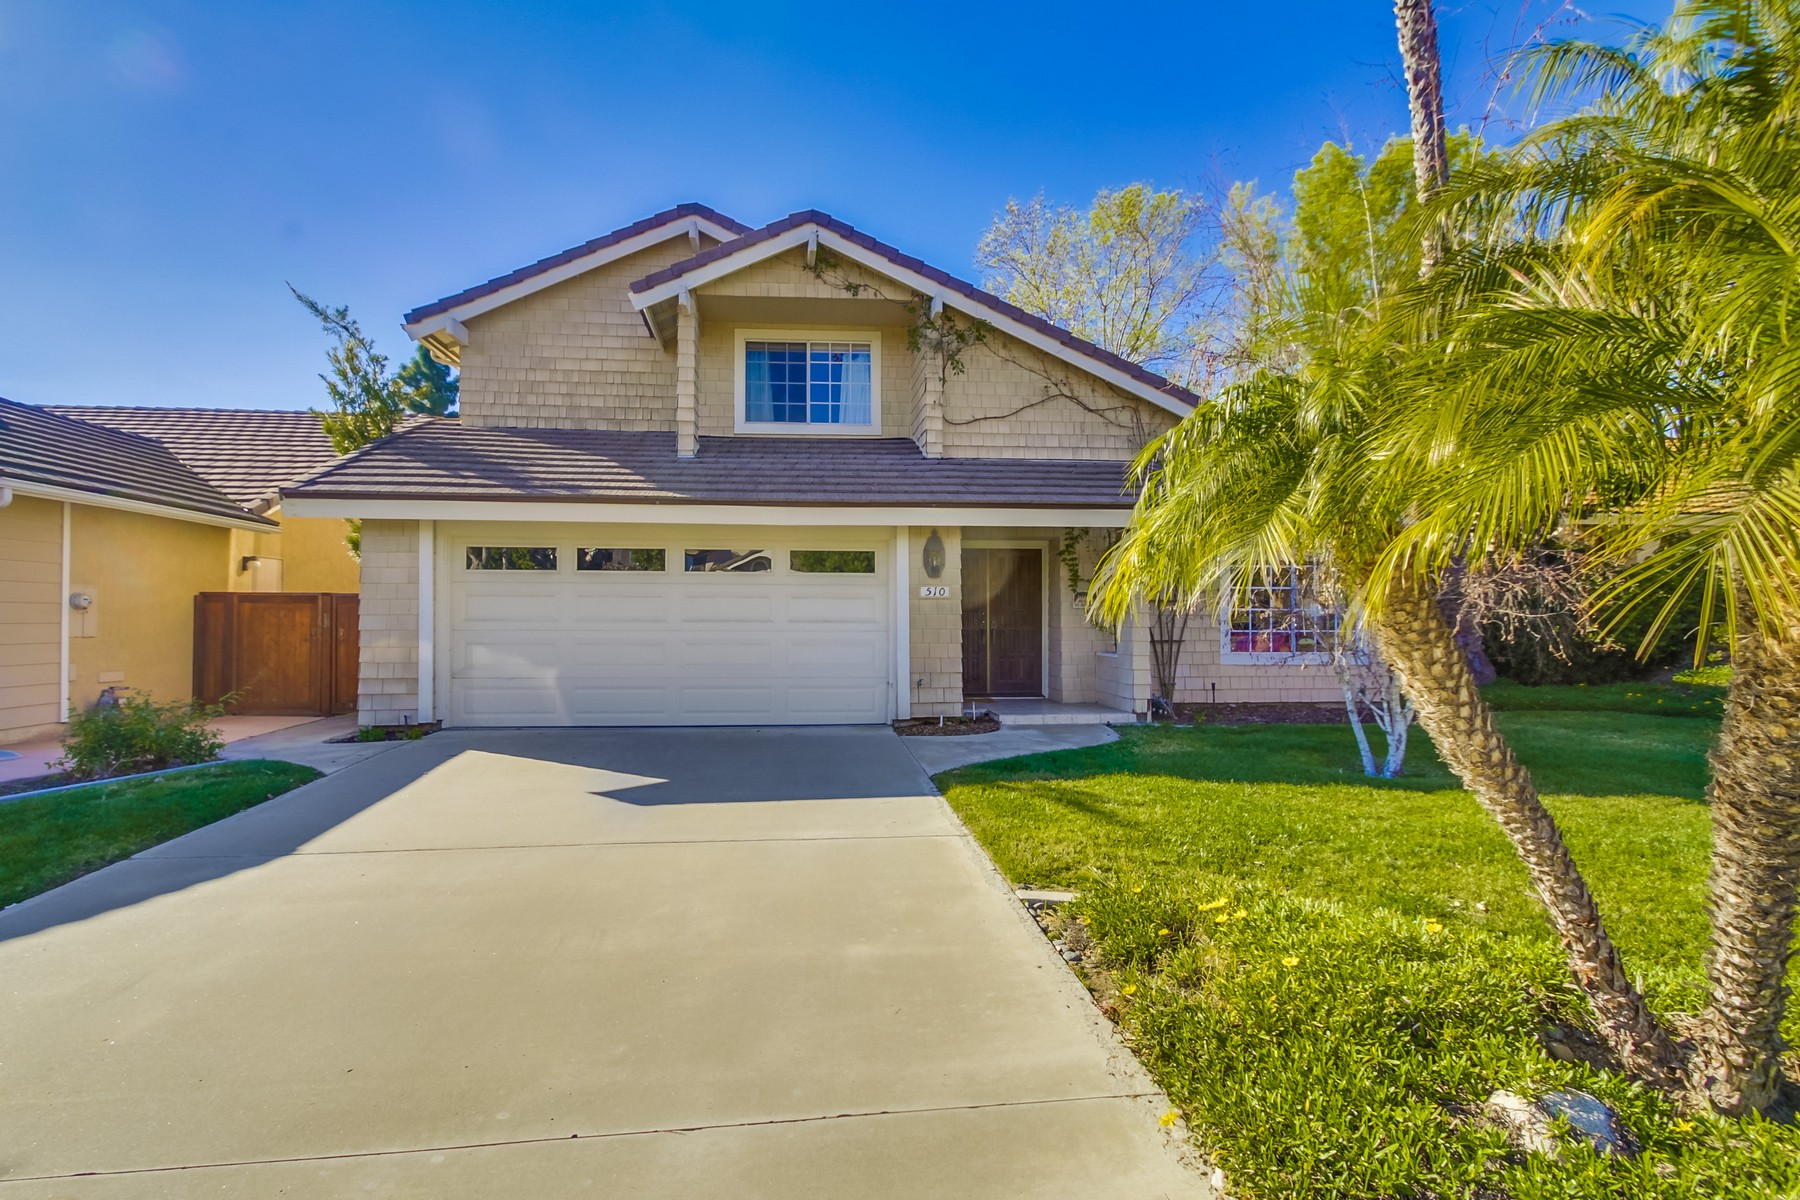 Maison unifamiliale pour l Vente à 510 Gardendale Road Encinitas, Californie 92024 États-Unis